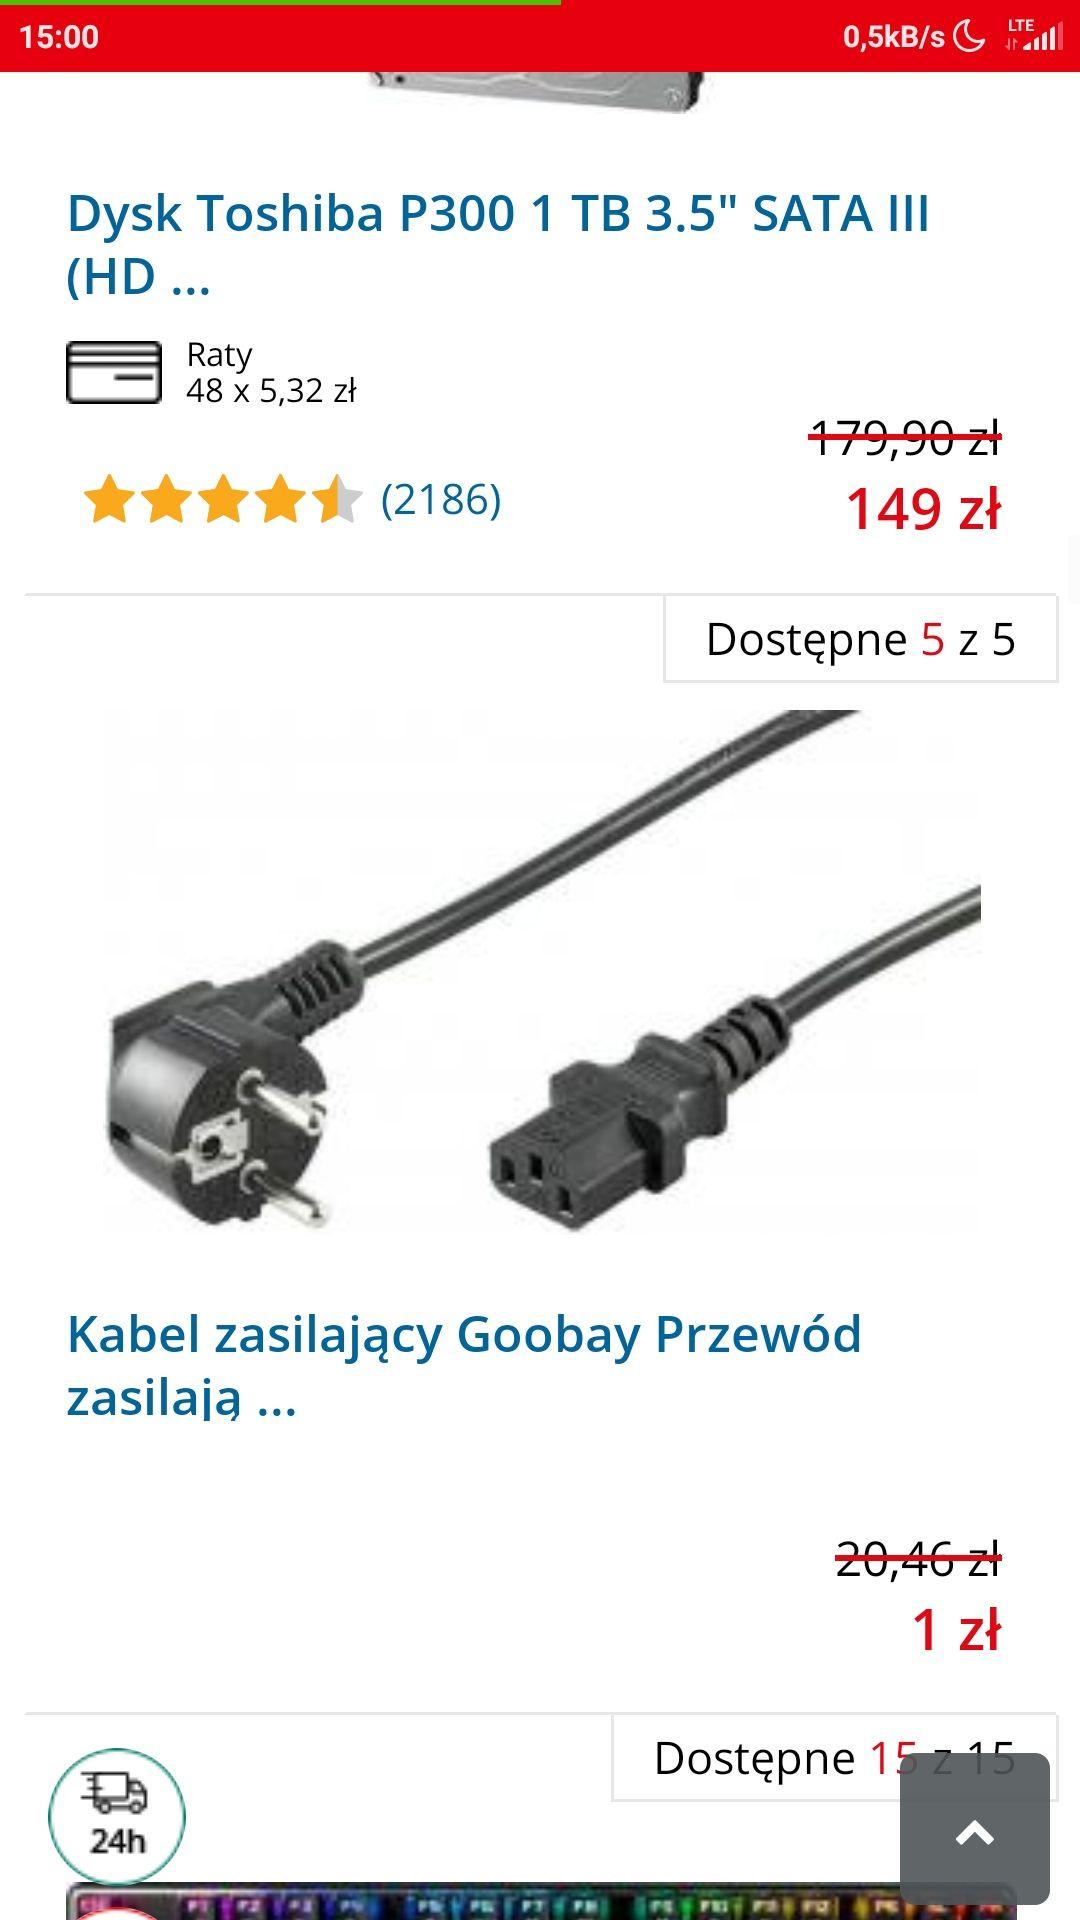 Kabel zasilający komputer 1zl morele.net